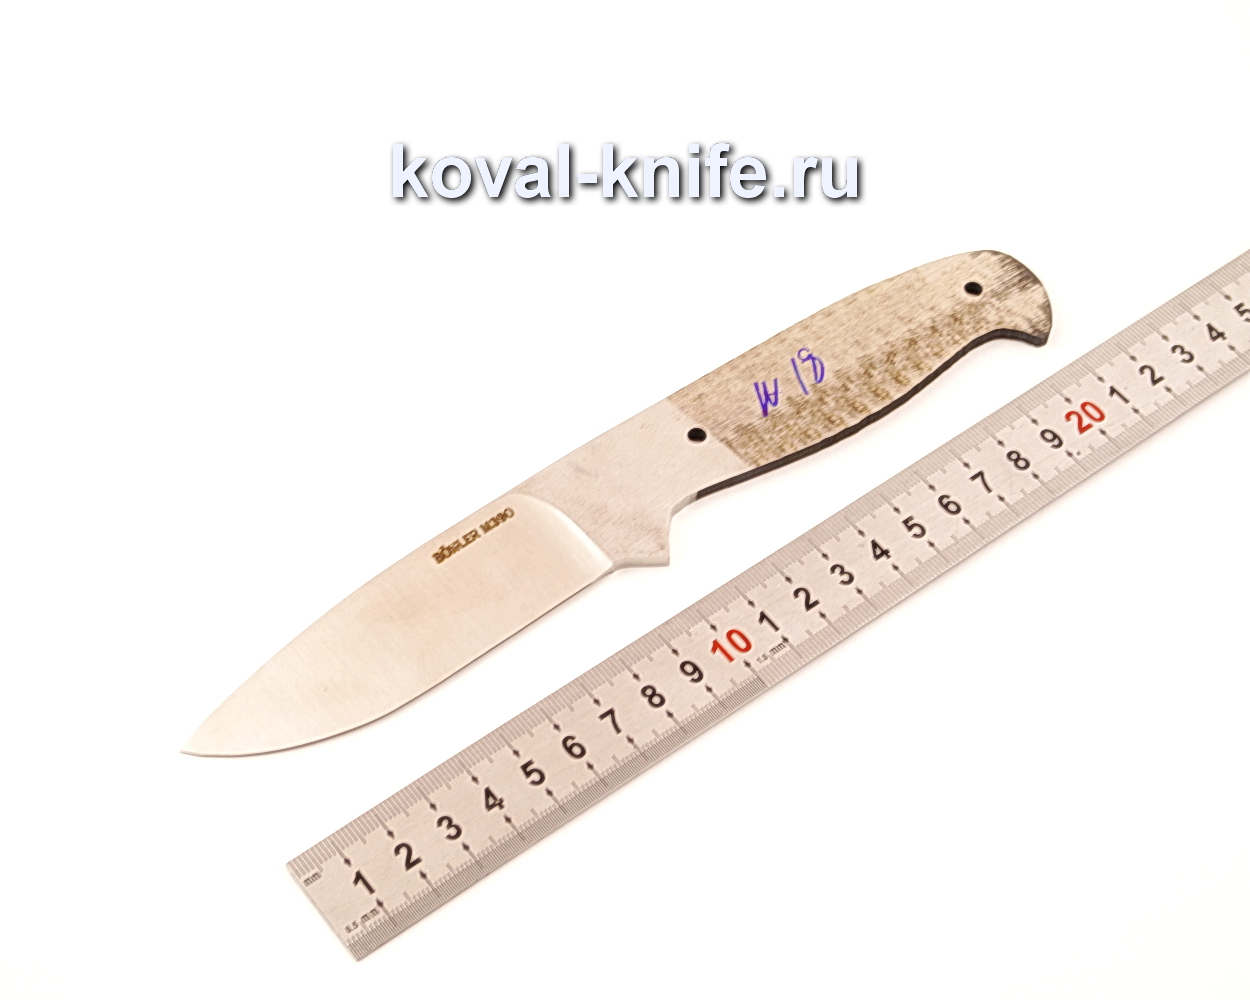 Клинок для ножа из порошковой стали Bohler M390 N18